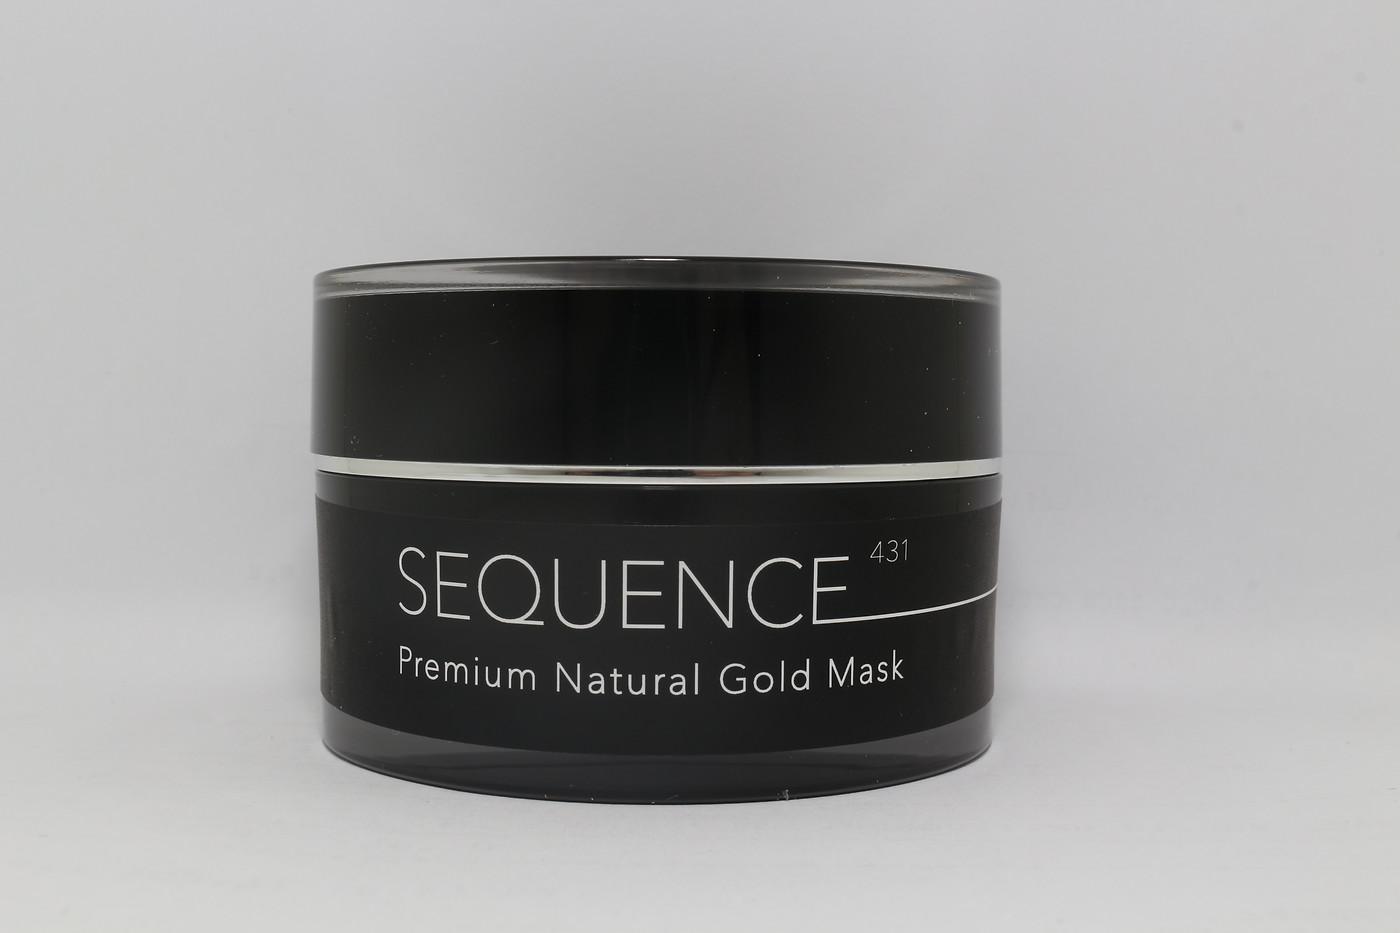 Premium Natural Gold Mask 2.JPG